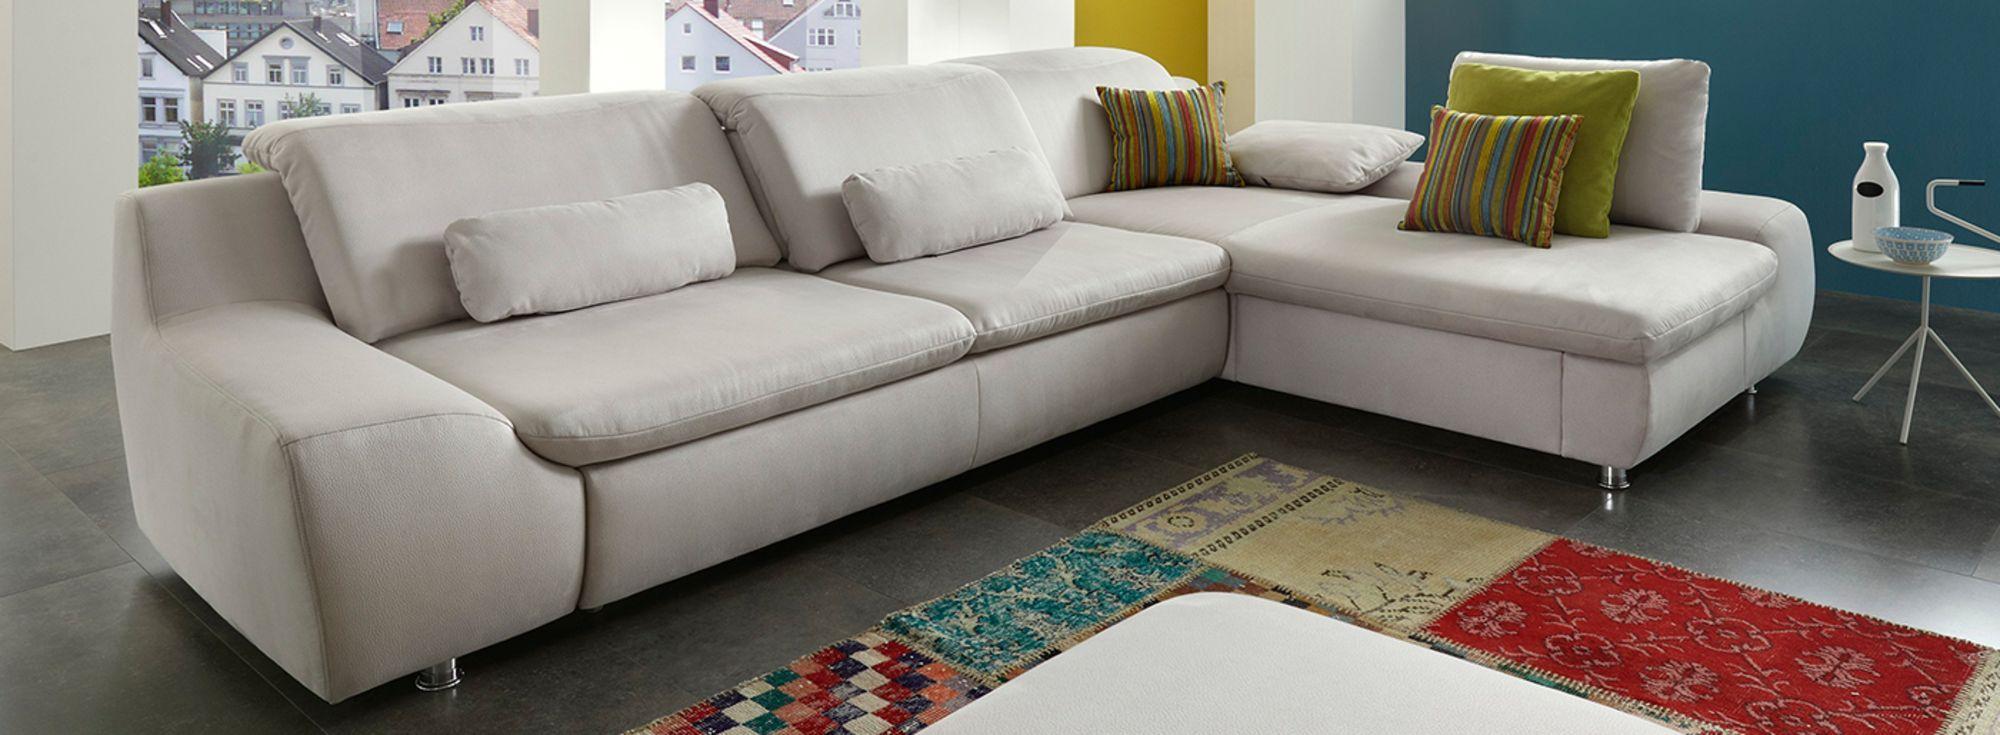 Ledercouch weiß höffner  Megapol (Höffner Elise) | Wohnzimmer | Pinterest | Wohnzimmer und ...